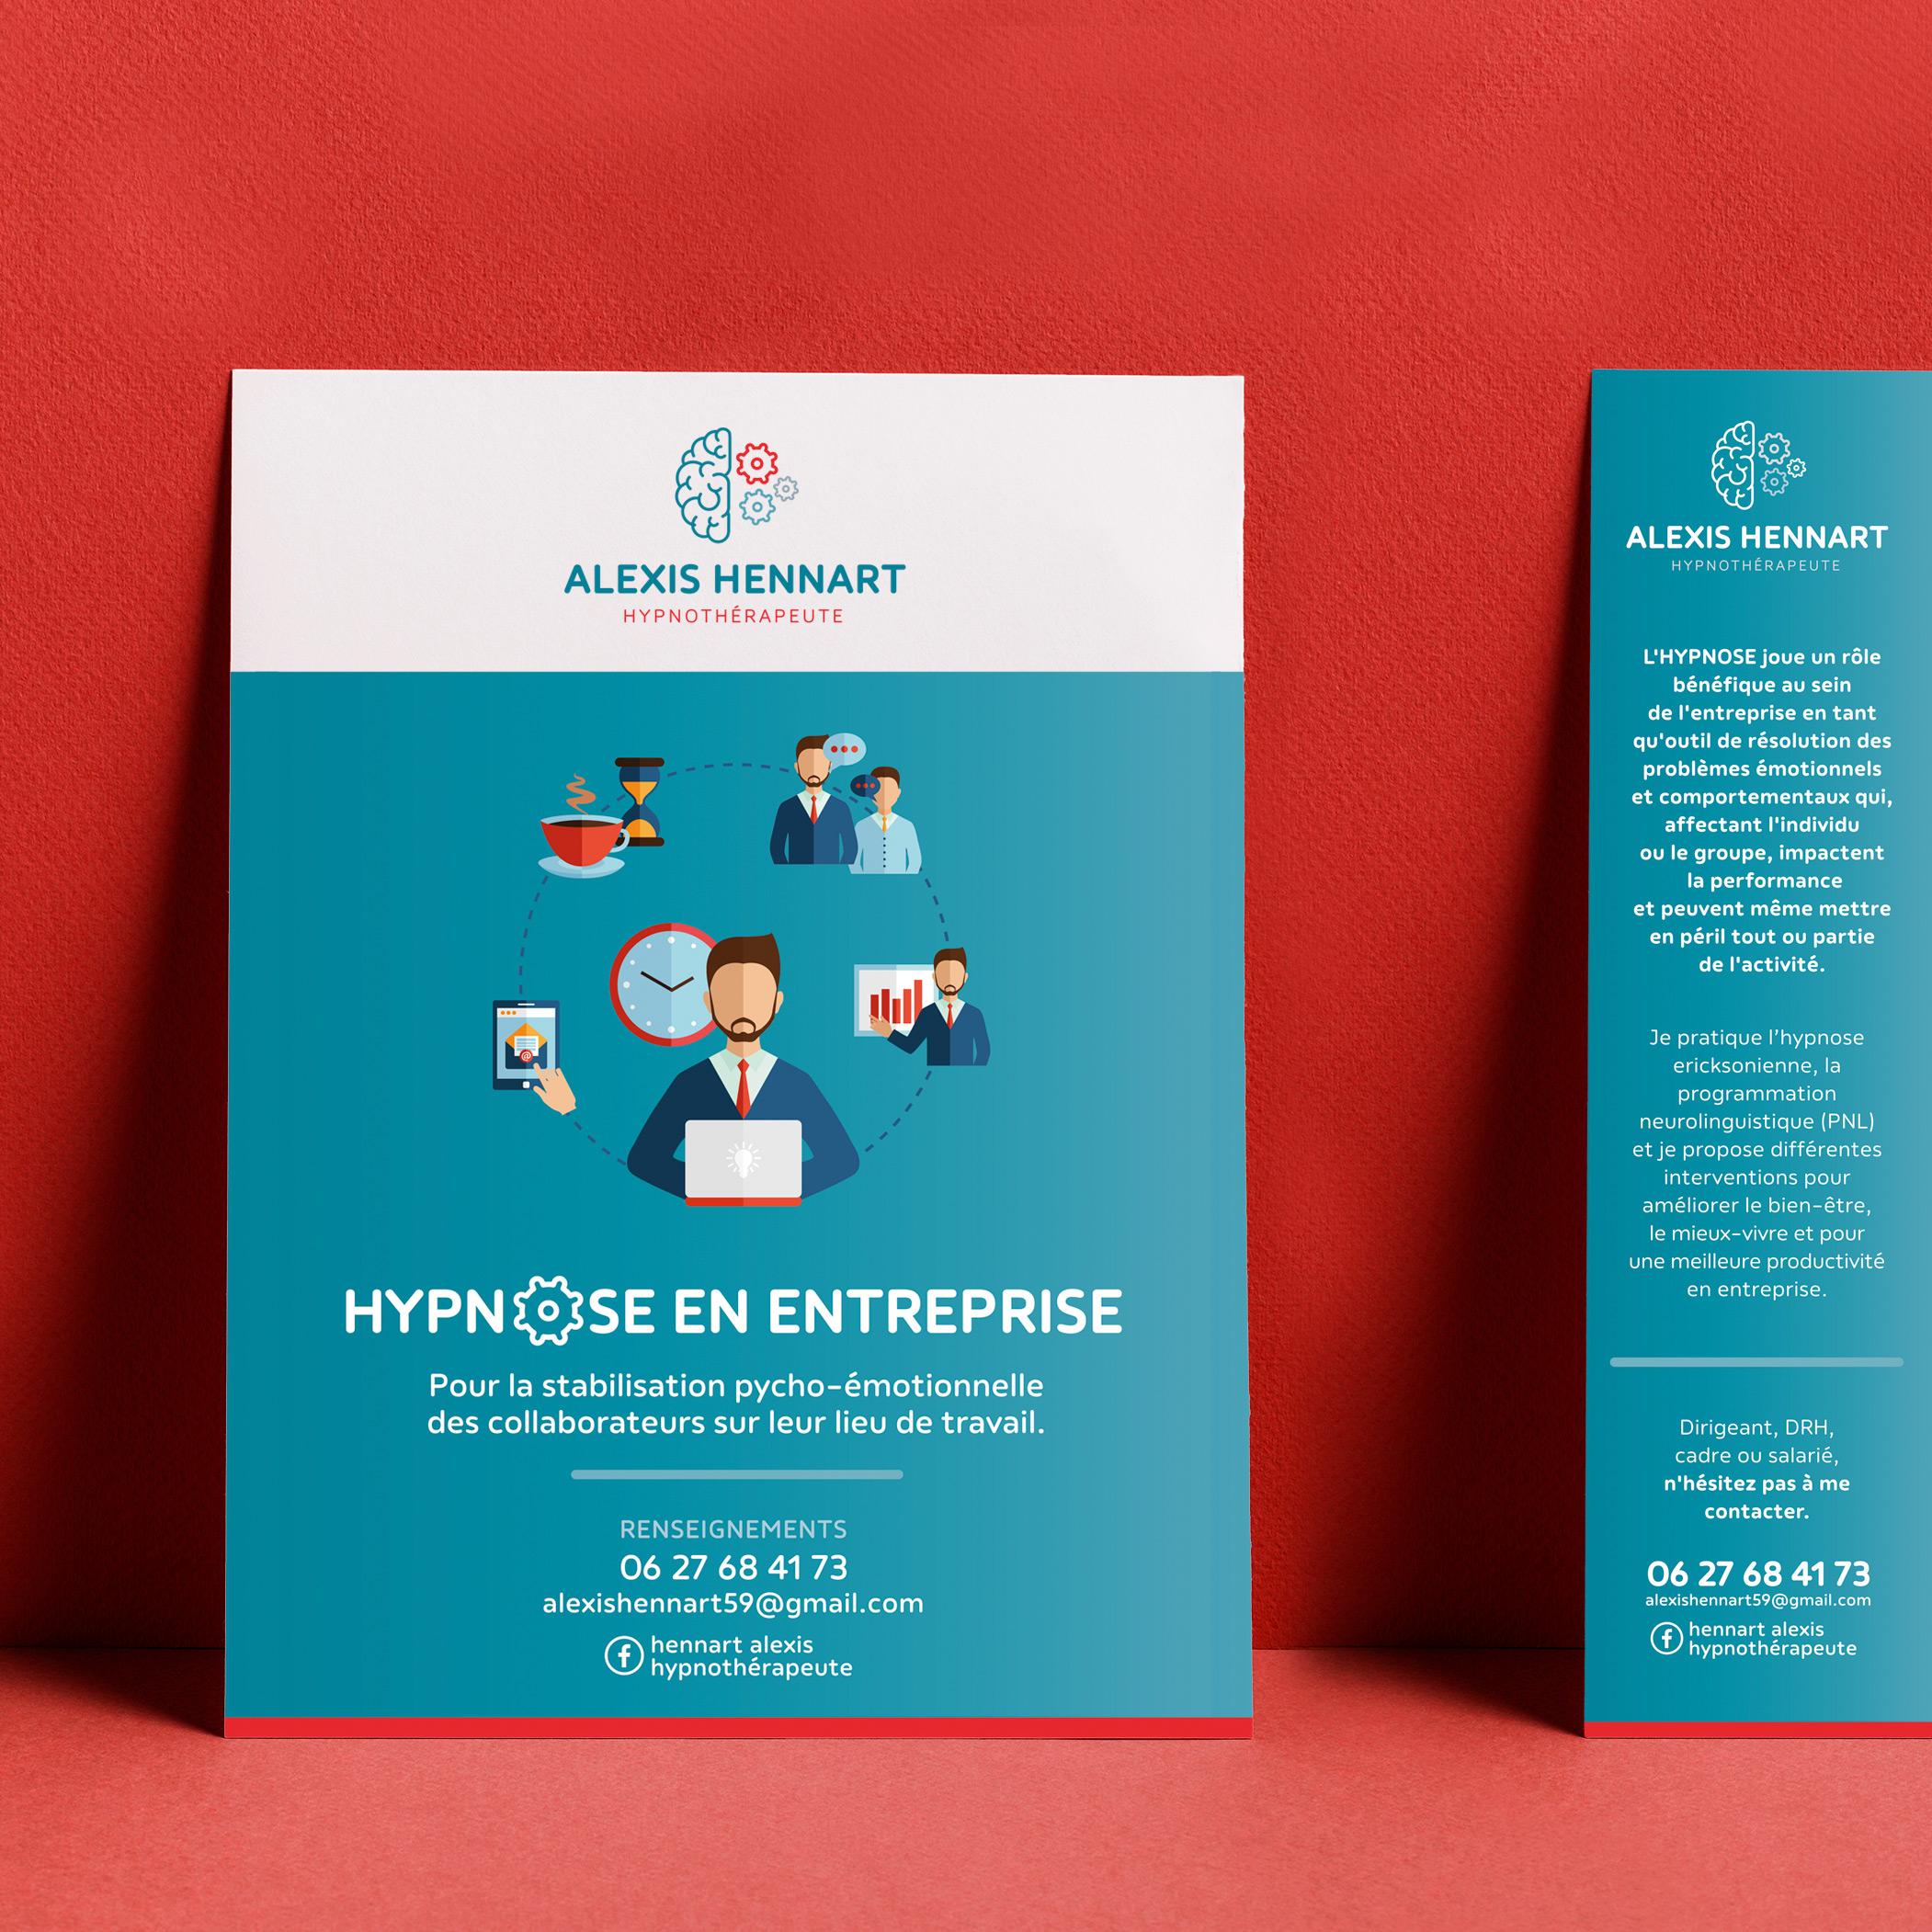 ALEXIS HENNART, Hypnothérapeute en entreprise - Identité visuelle, carte de visite, flyer et affiche - Bob & Simone